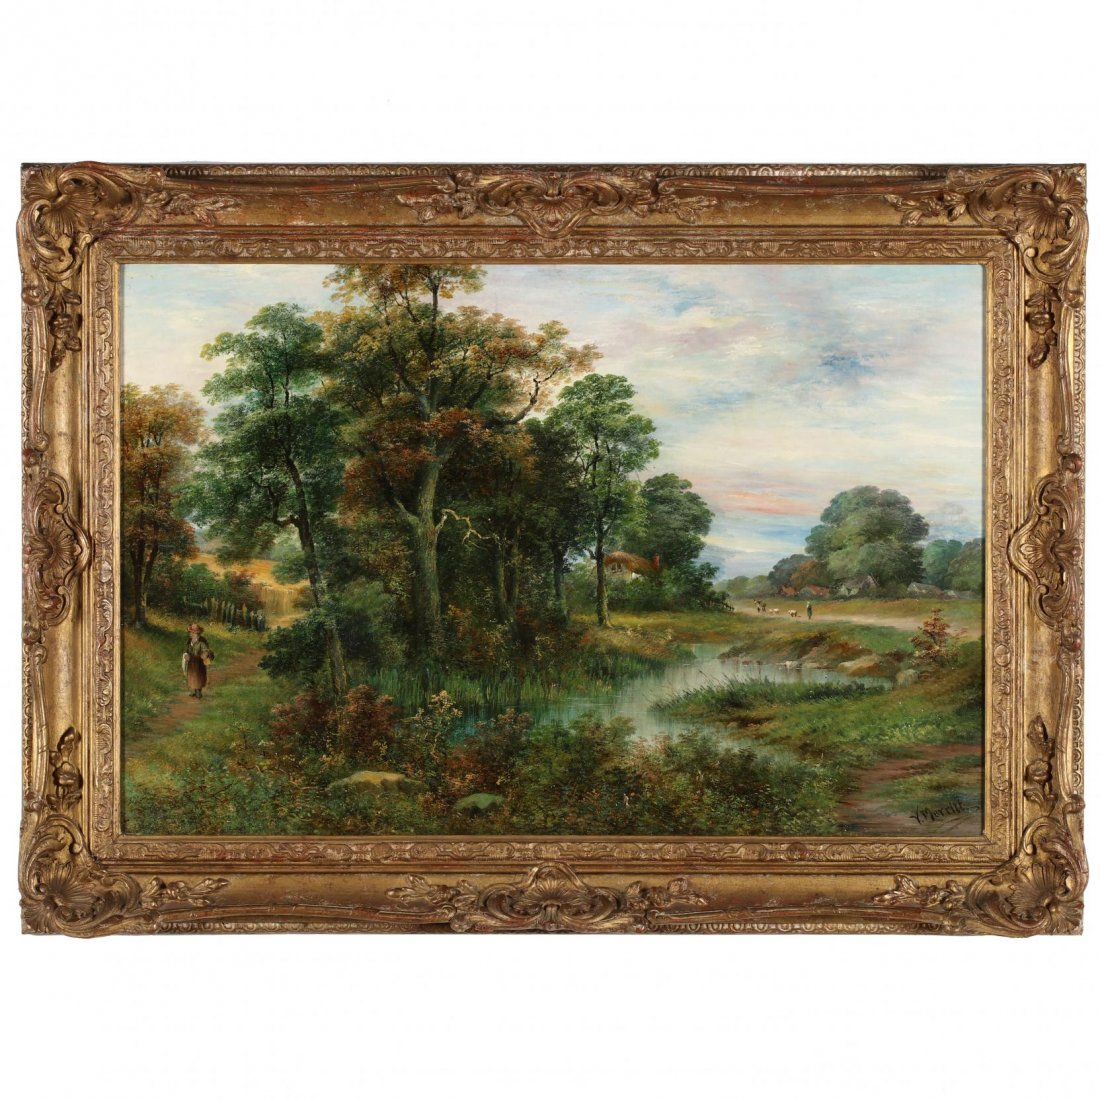 V. Merritt (English, b. 1850), Landscape